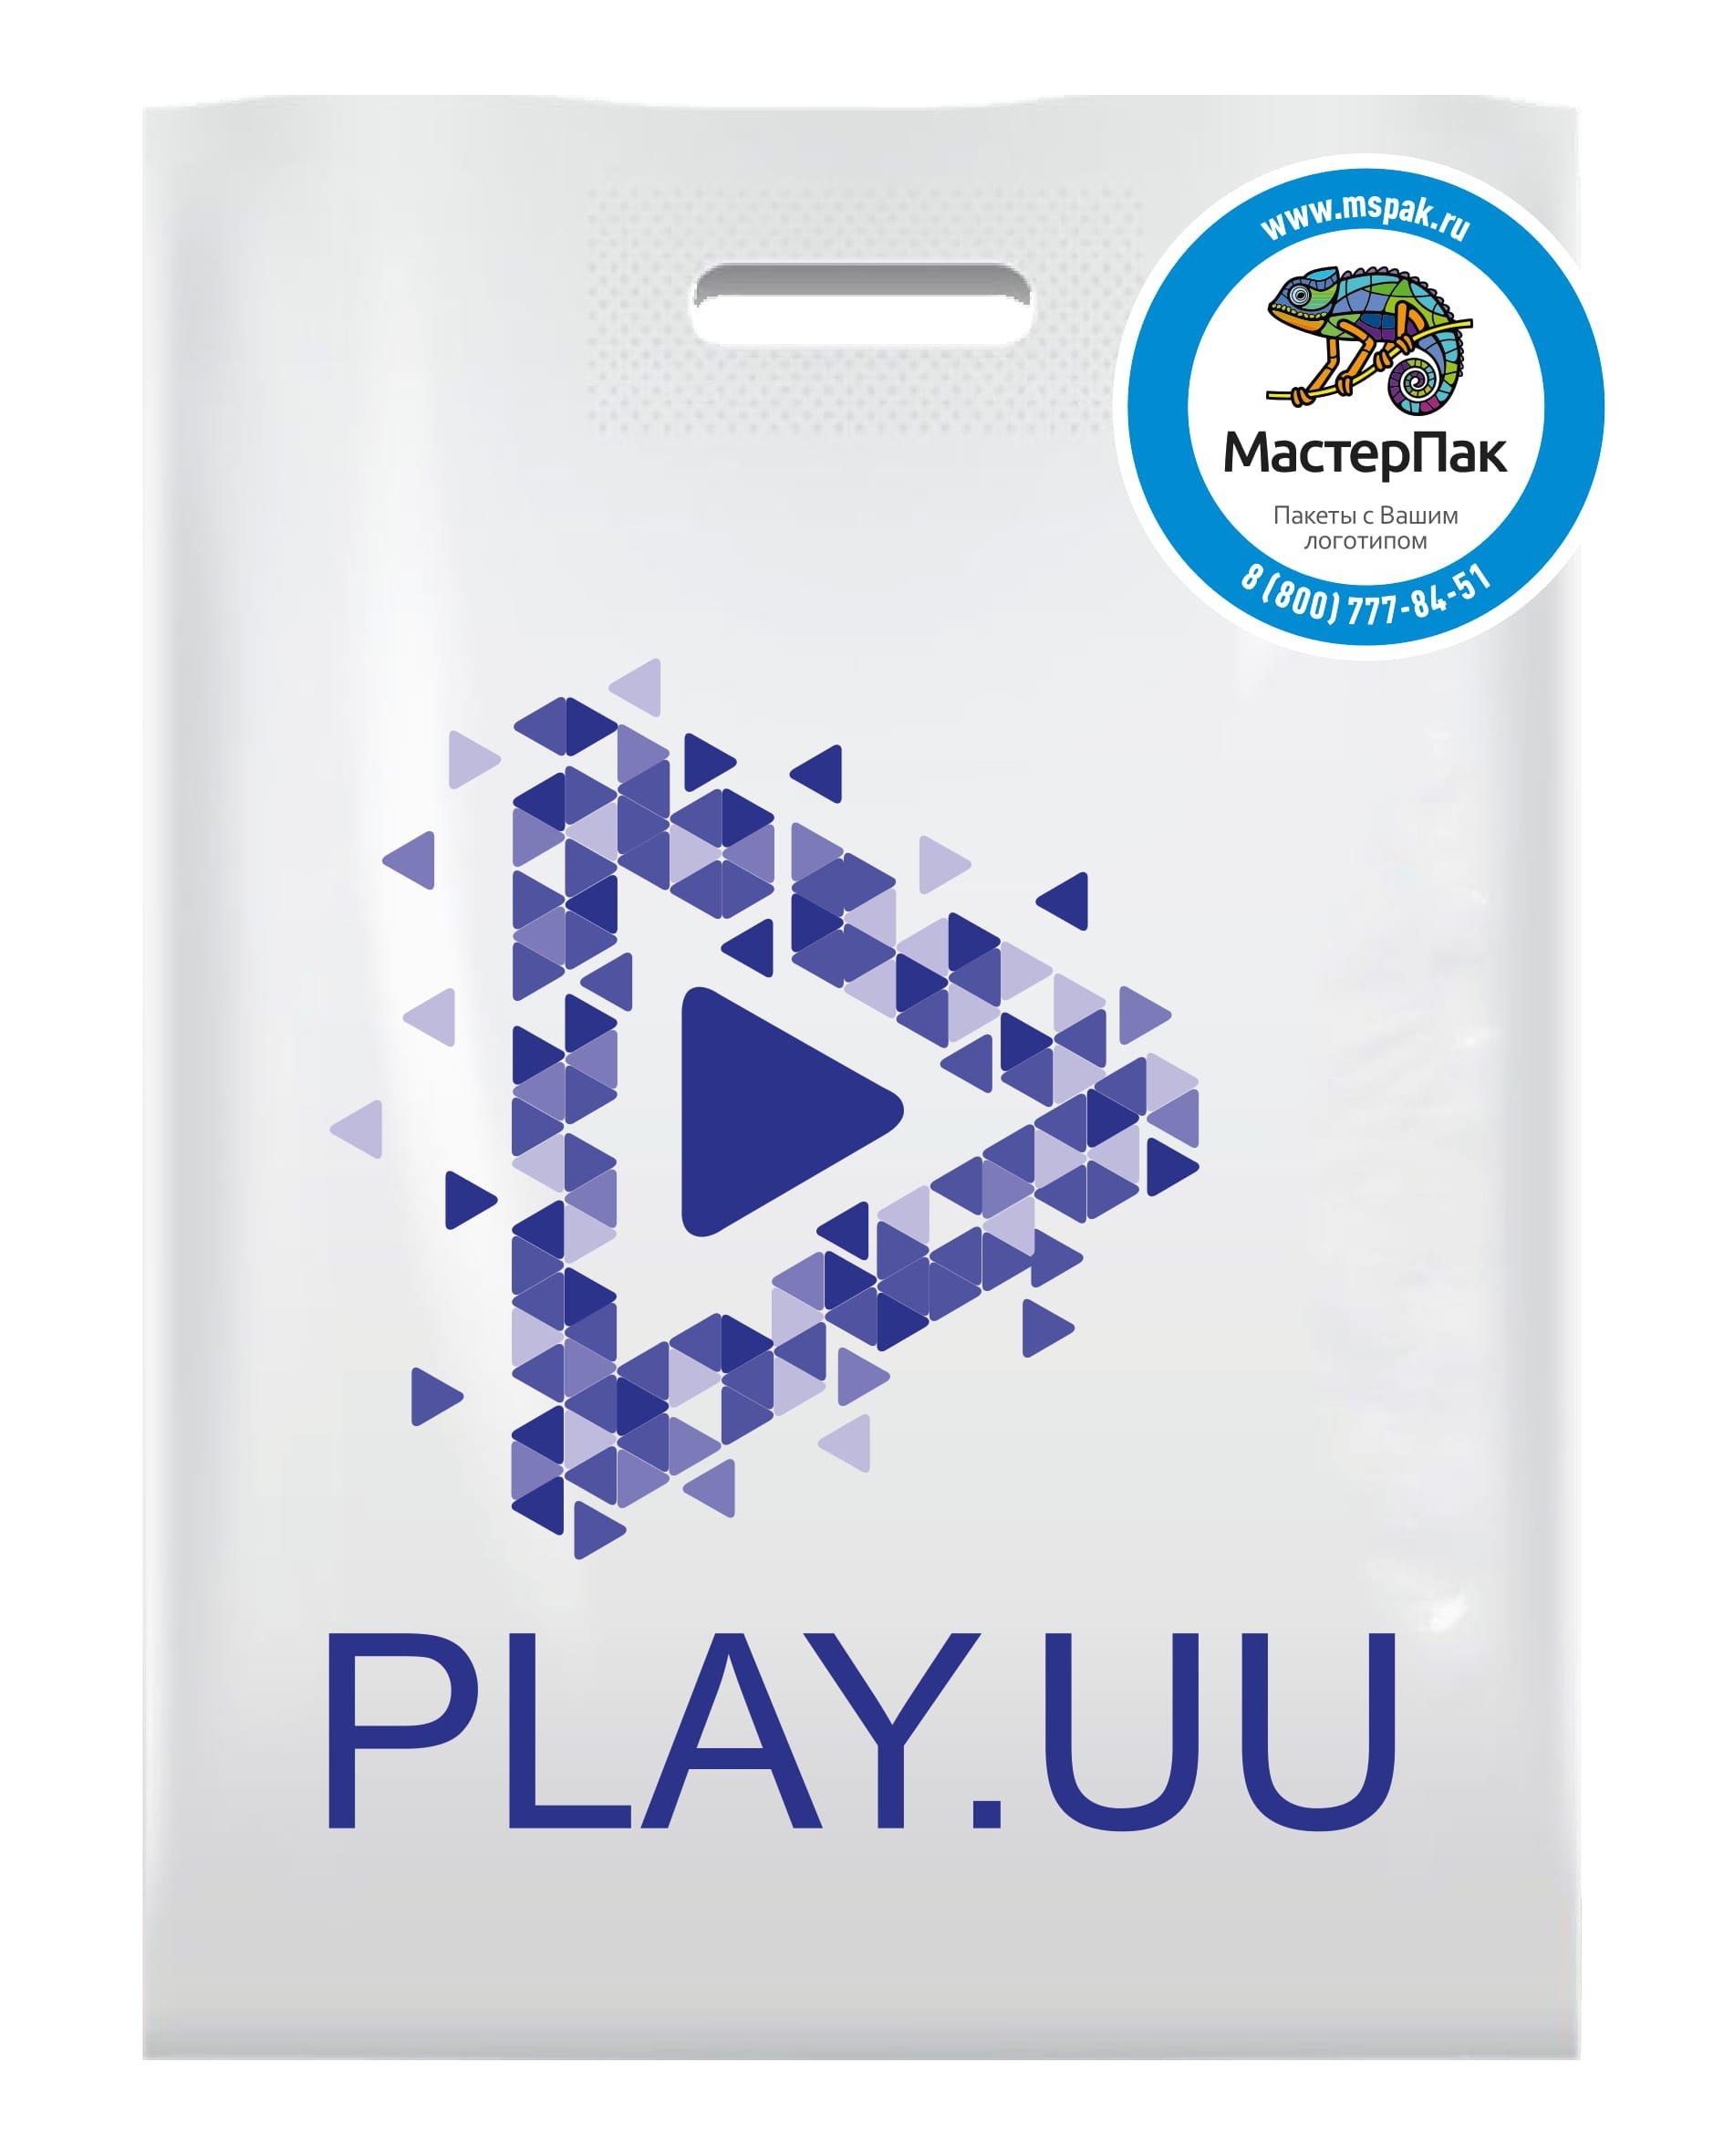 Пакет ПВД с логотипом Play.uu и вырубной ручкой